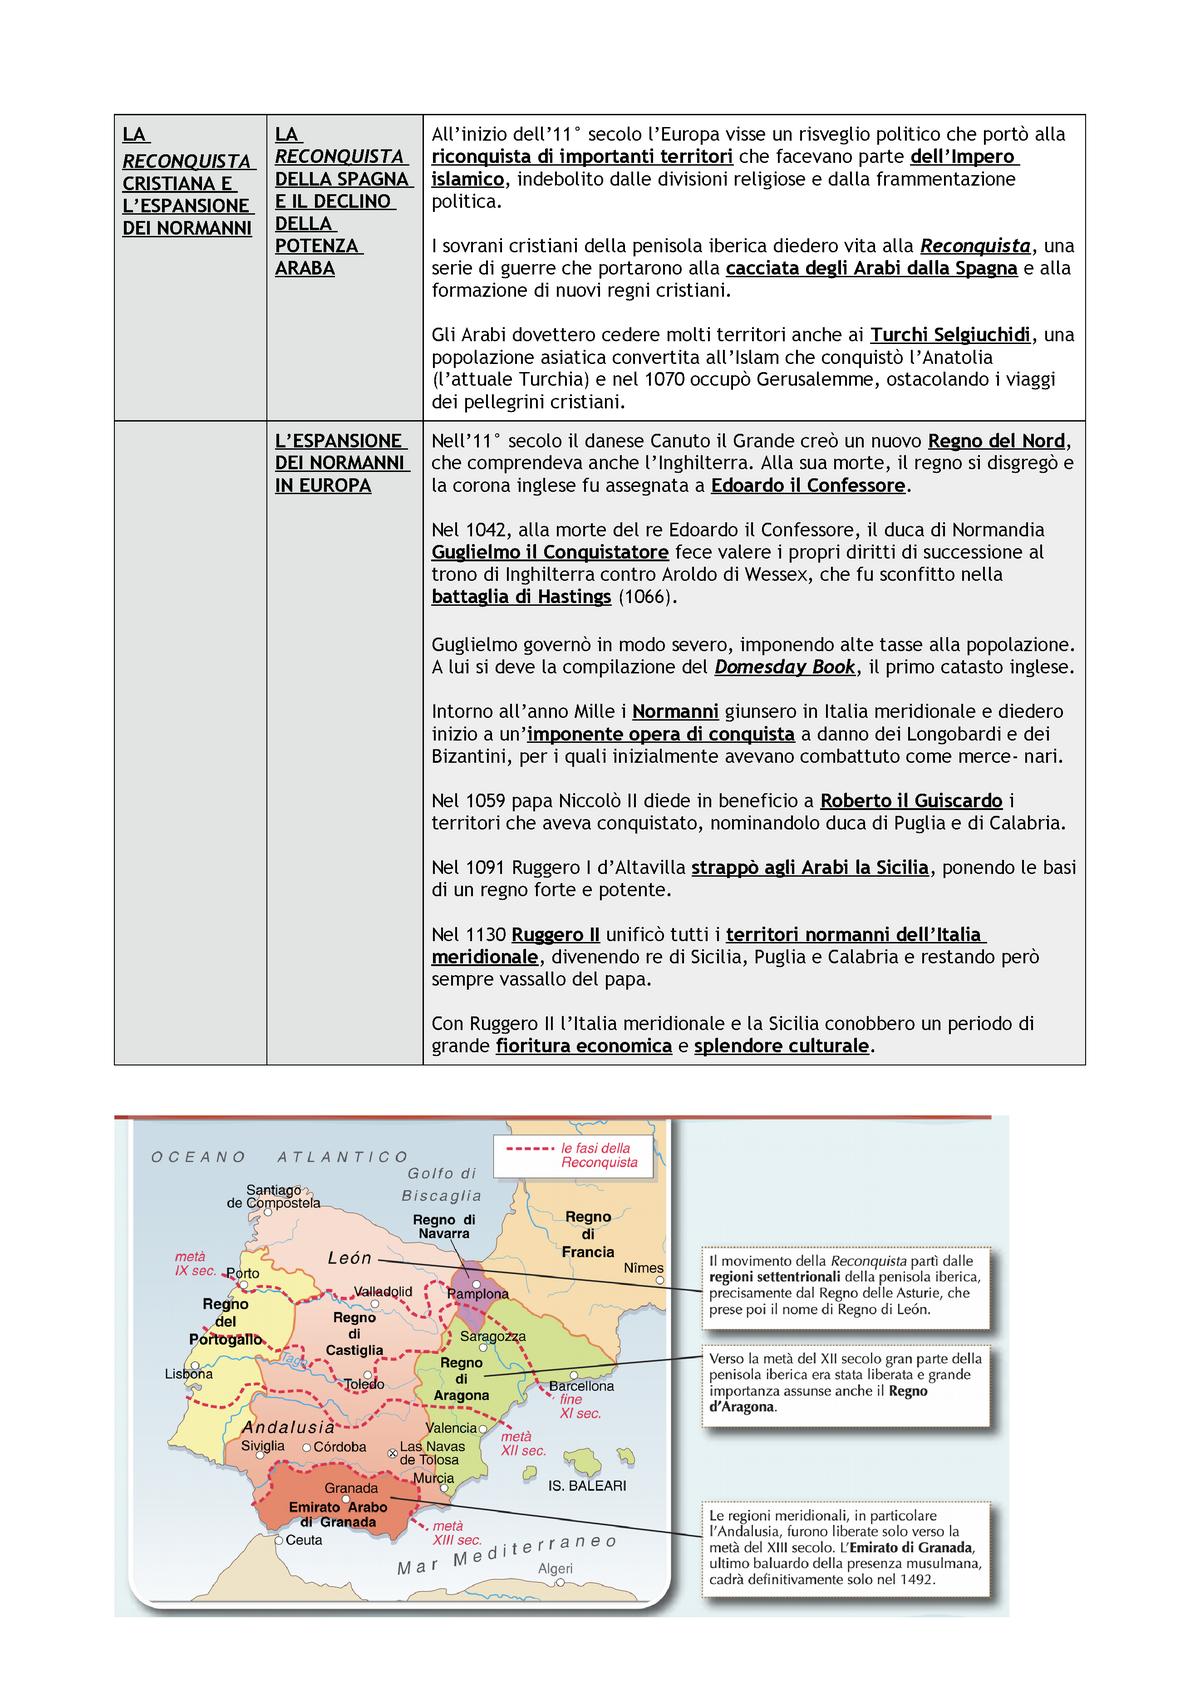 Cartina Geografica Spagna E Formentera.Saragozza Spagna Cartina Geografica